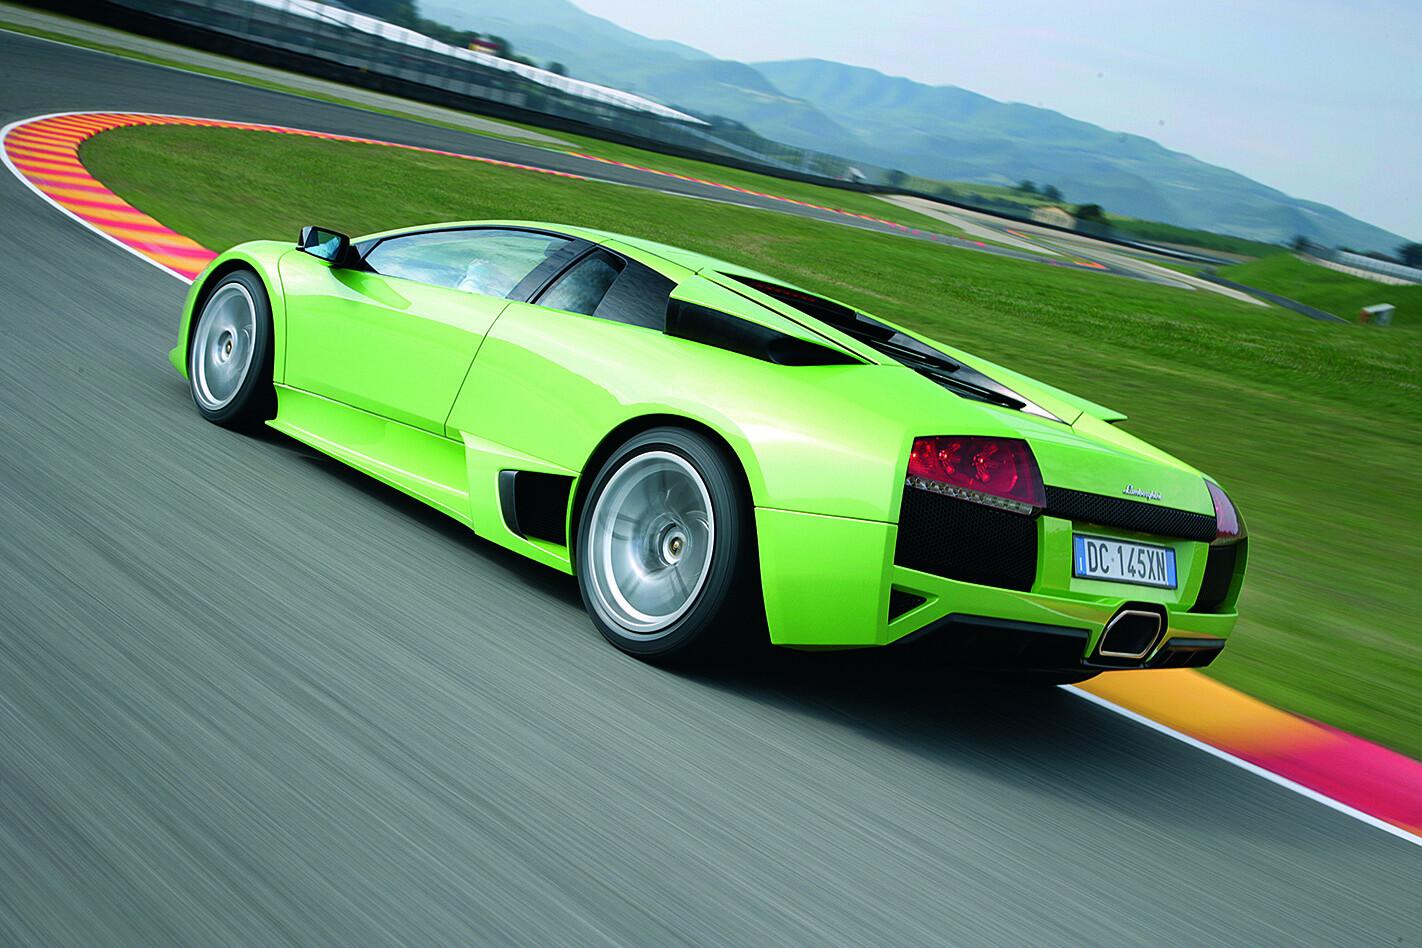 31 Lamborghini Murcielago Web Jpg